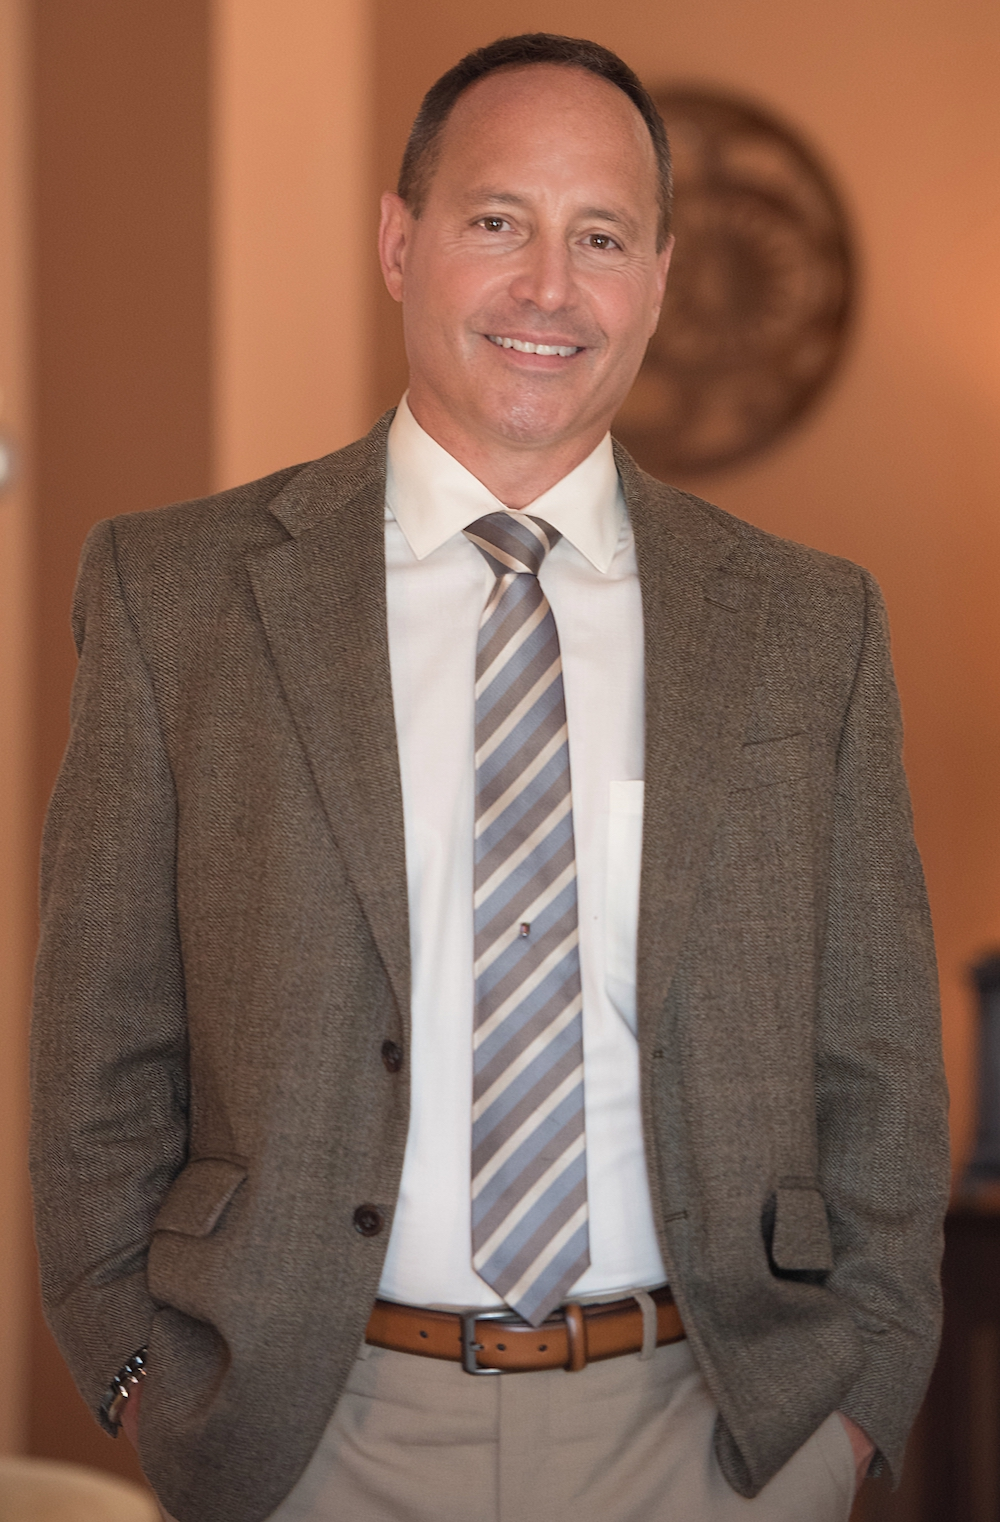 Dr. Abbott